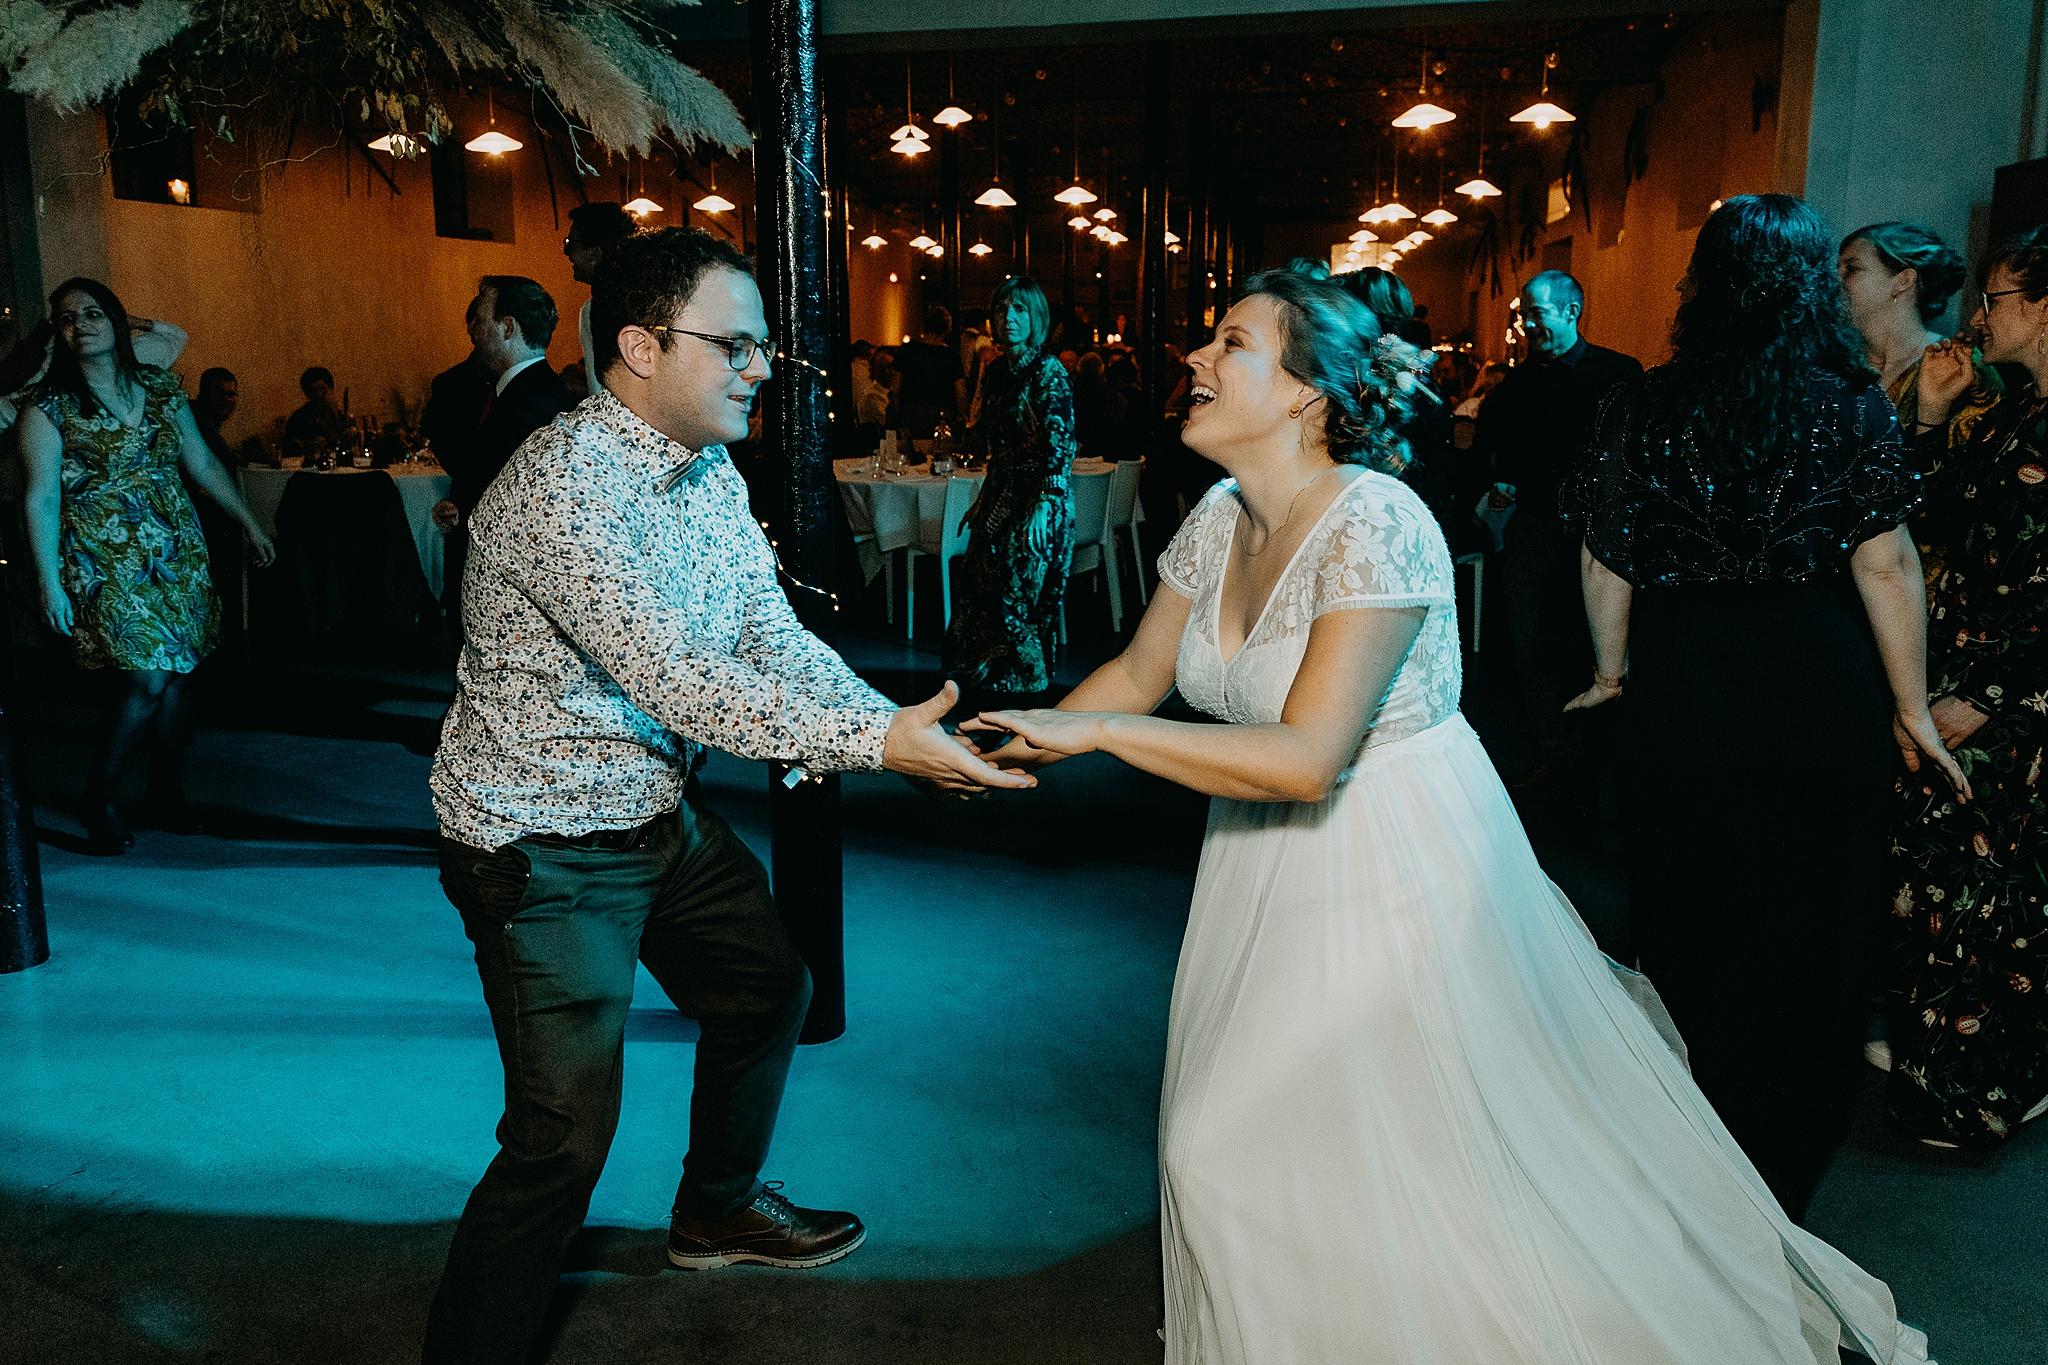 Aulnenhof huwelijk bruid danst vriend